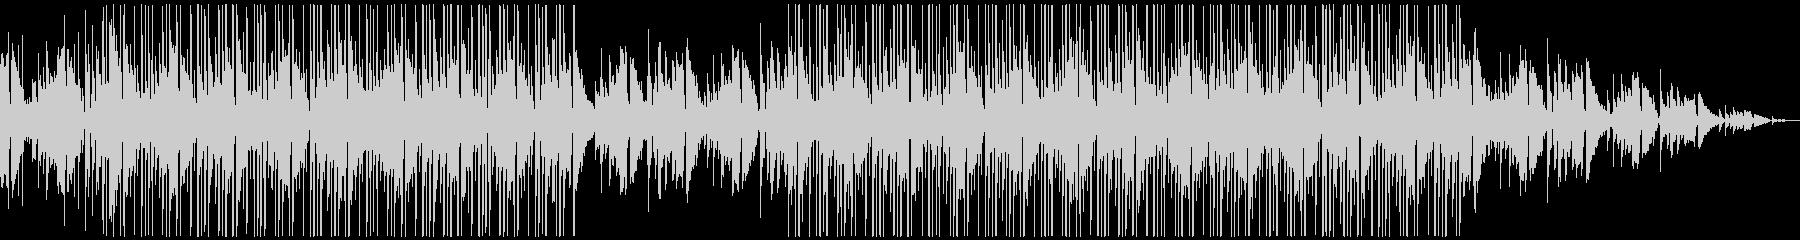 ジャジーなギターのチル系ヒップホップの未再生の波形